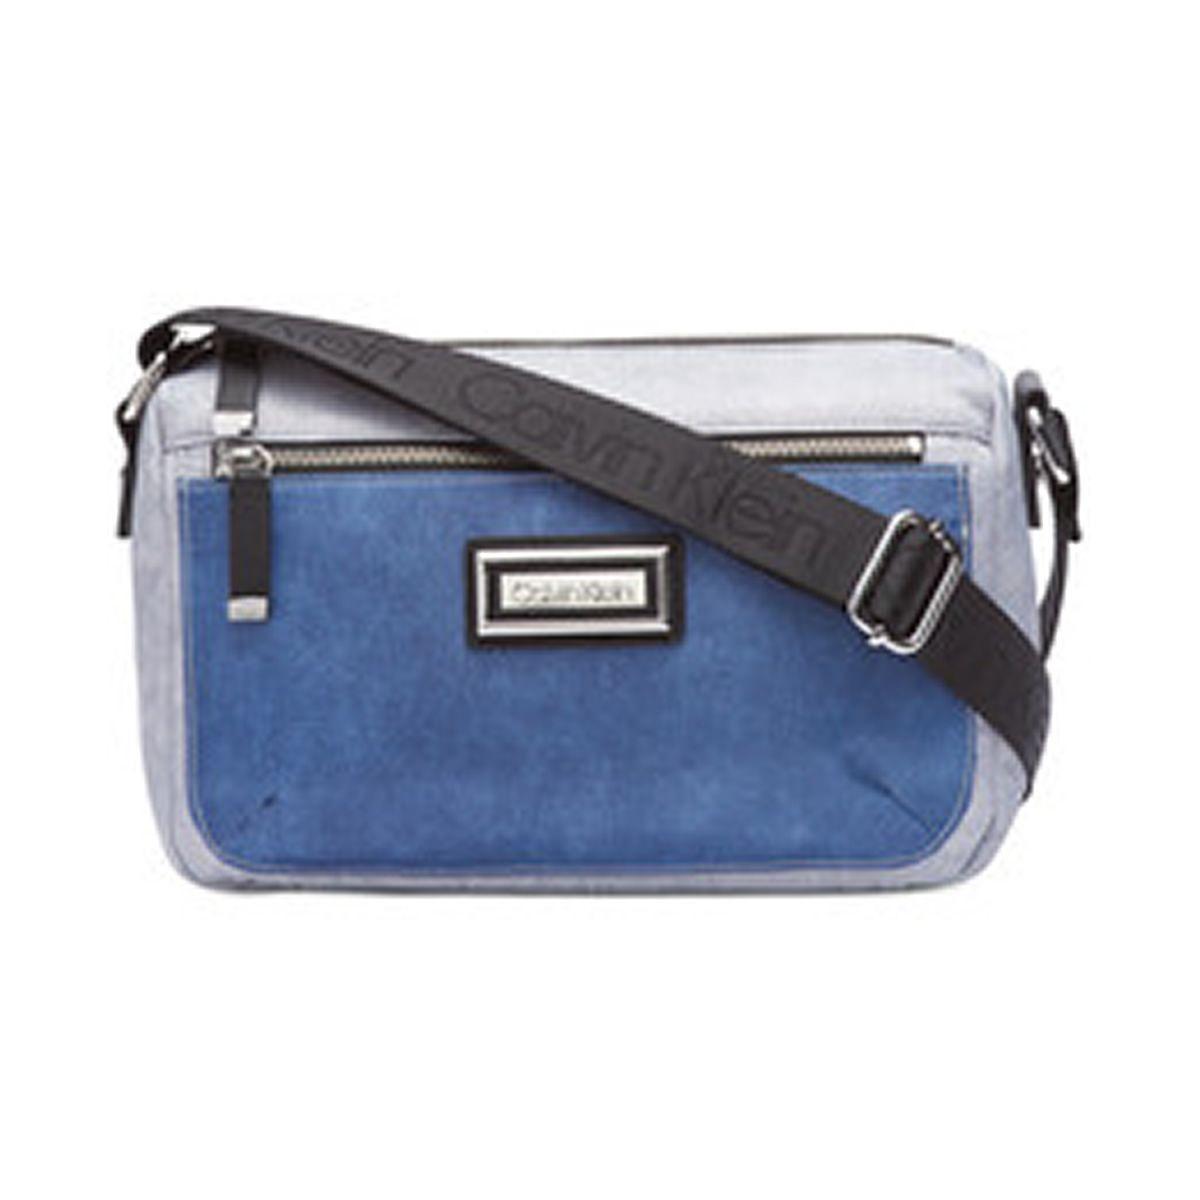 e68cf8e441 Calvin Klein Handbags   Bags - Macy s